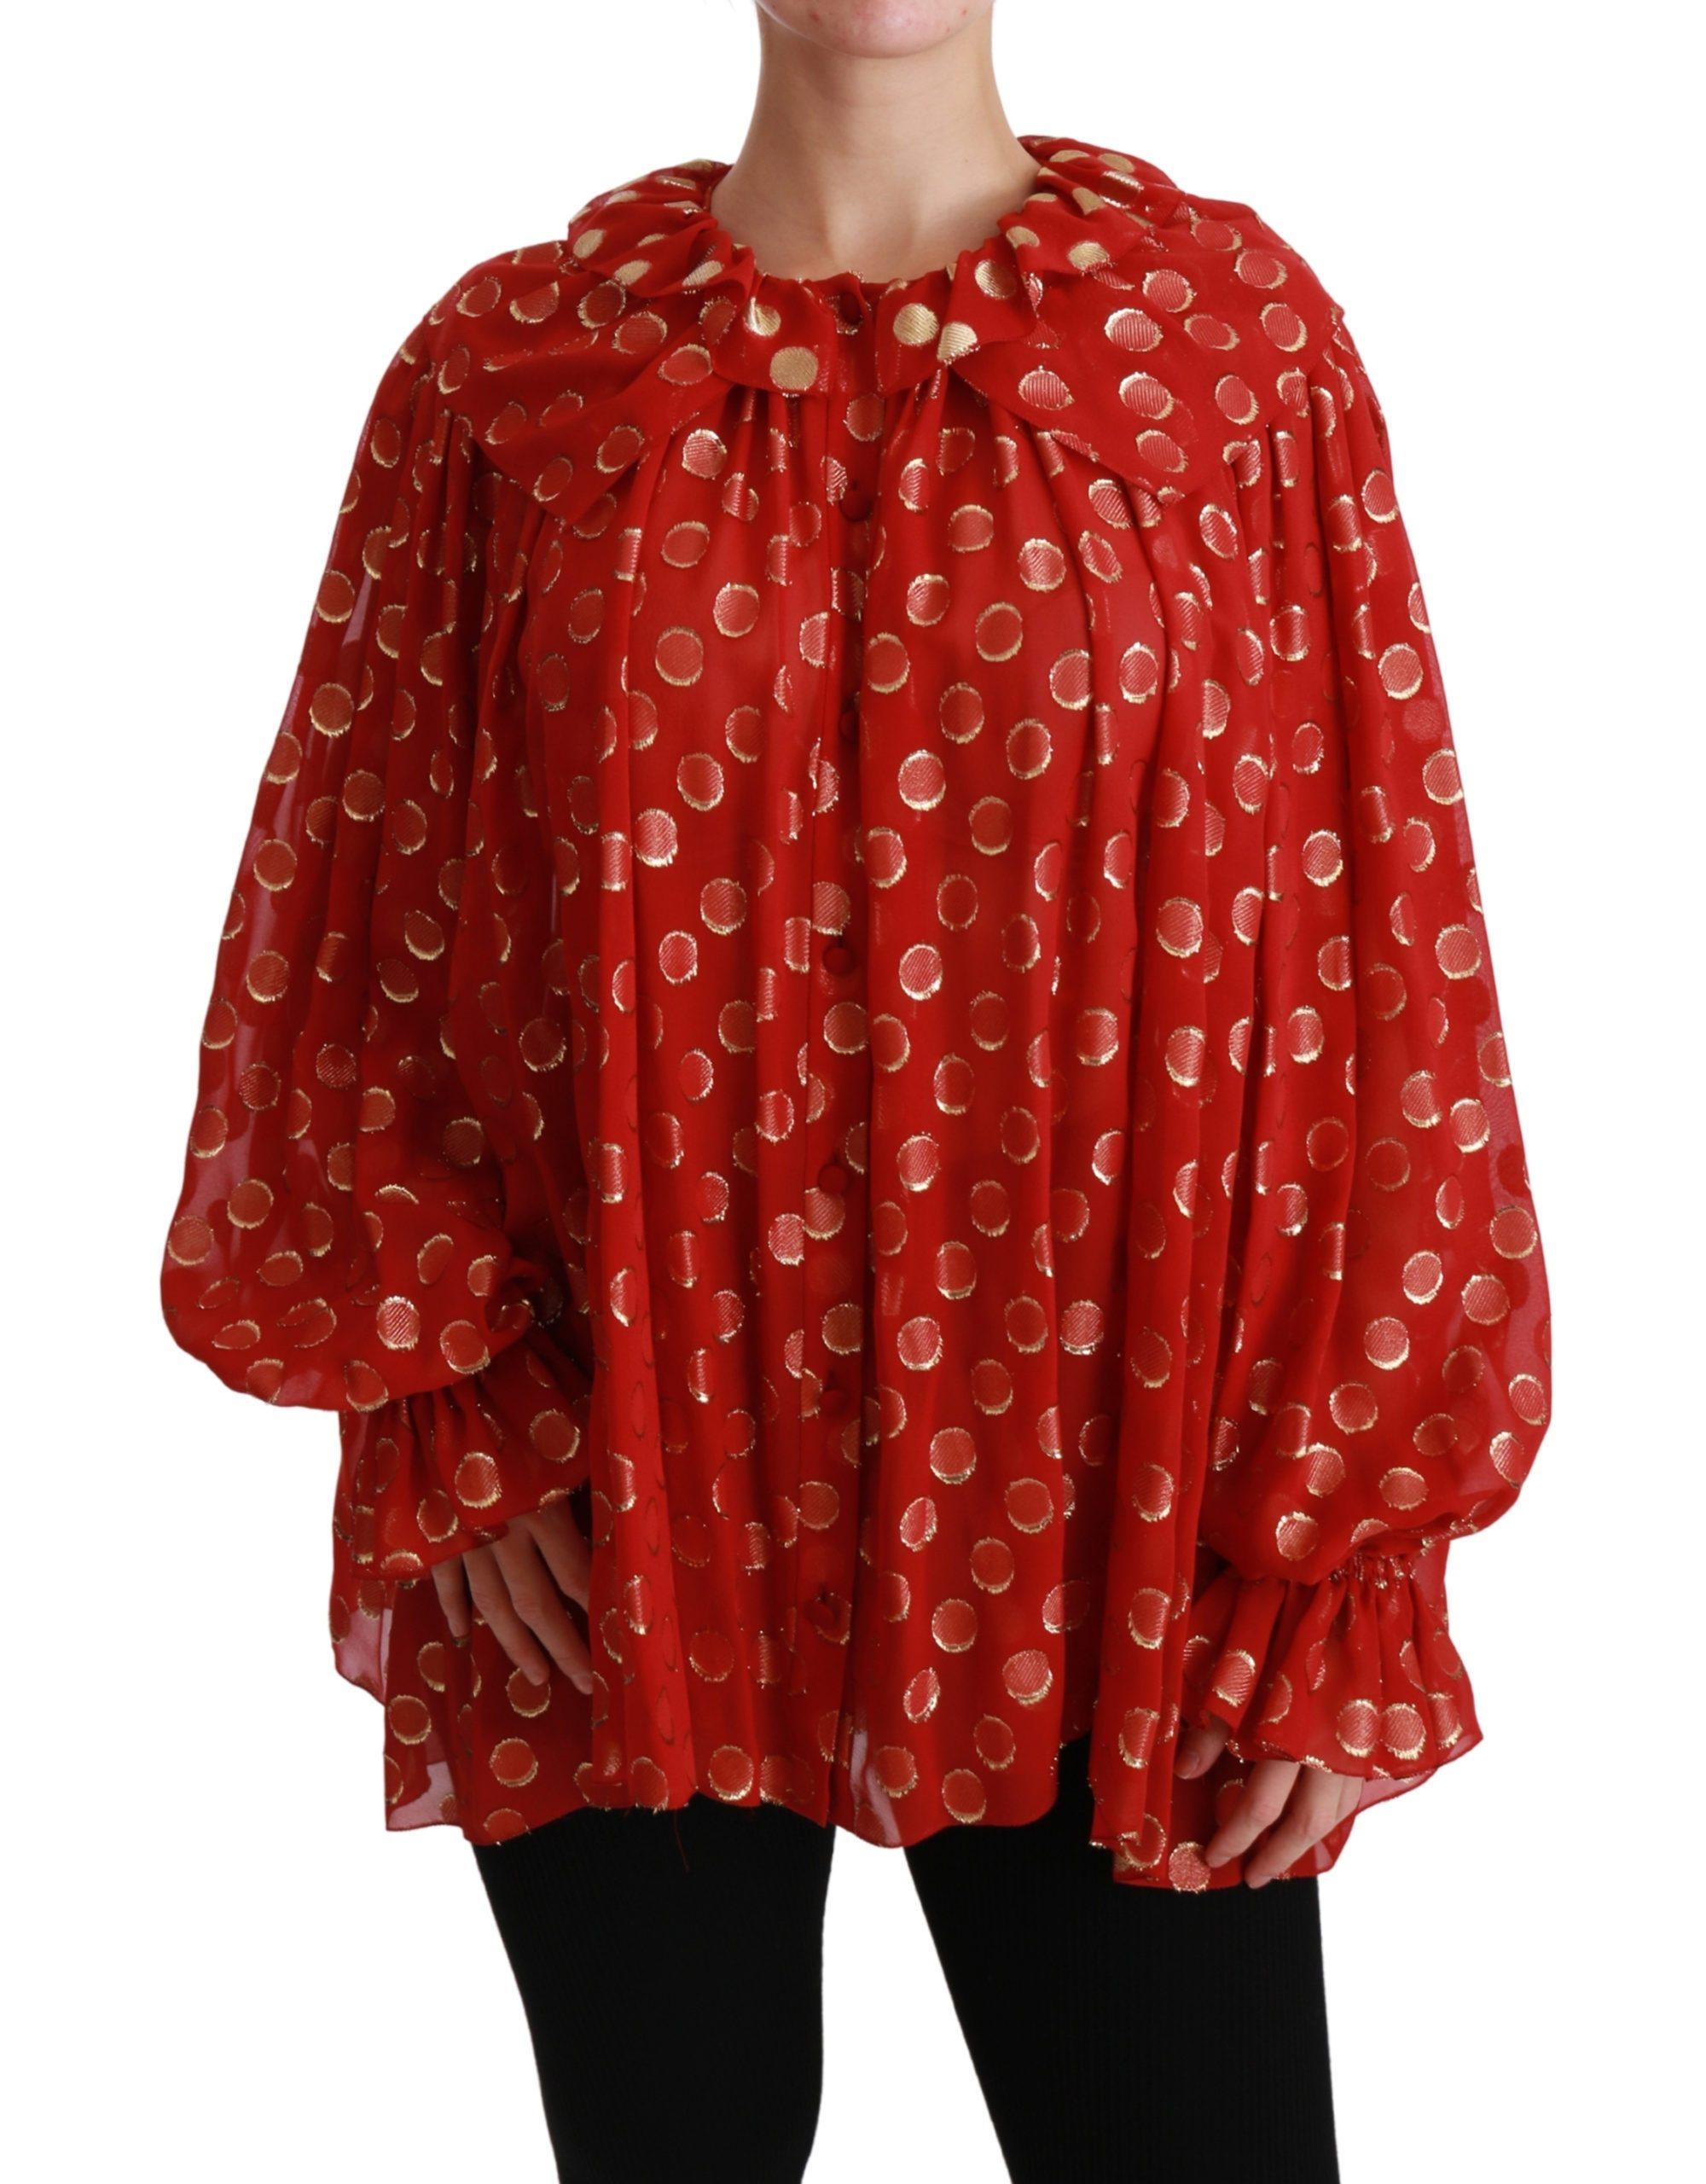 Dolce & Gabbana Women's Silk Long Sleeve Top Red TSH4481 - IT40|S